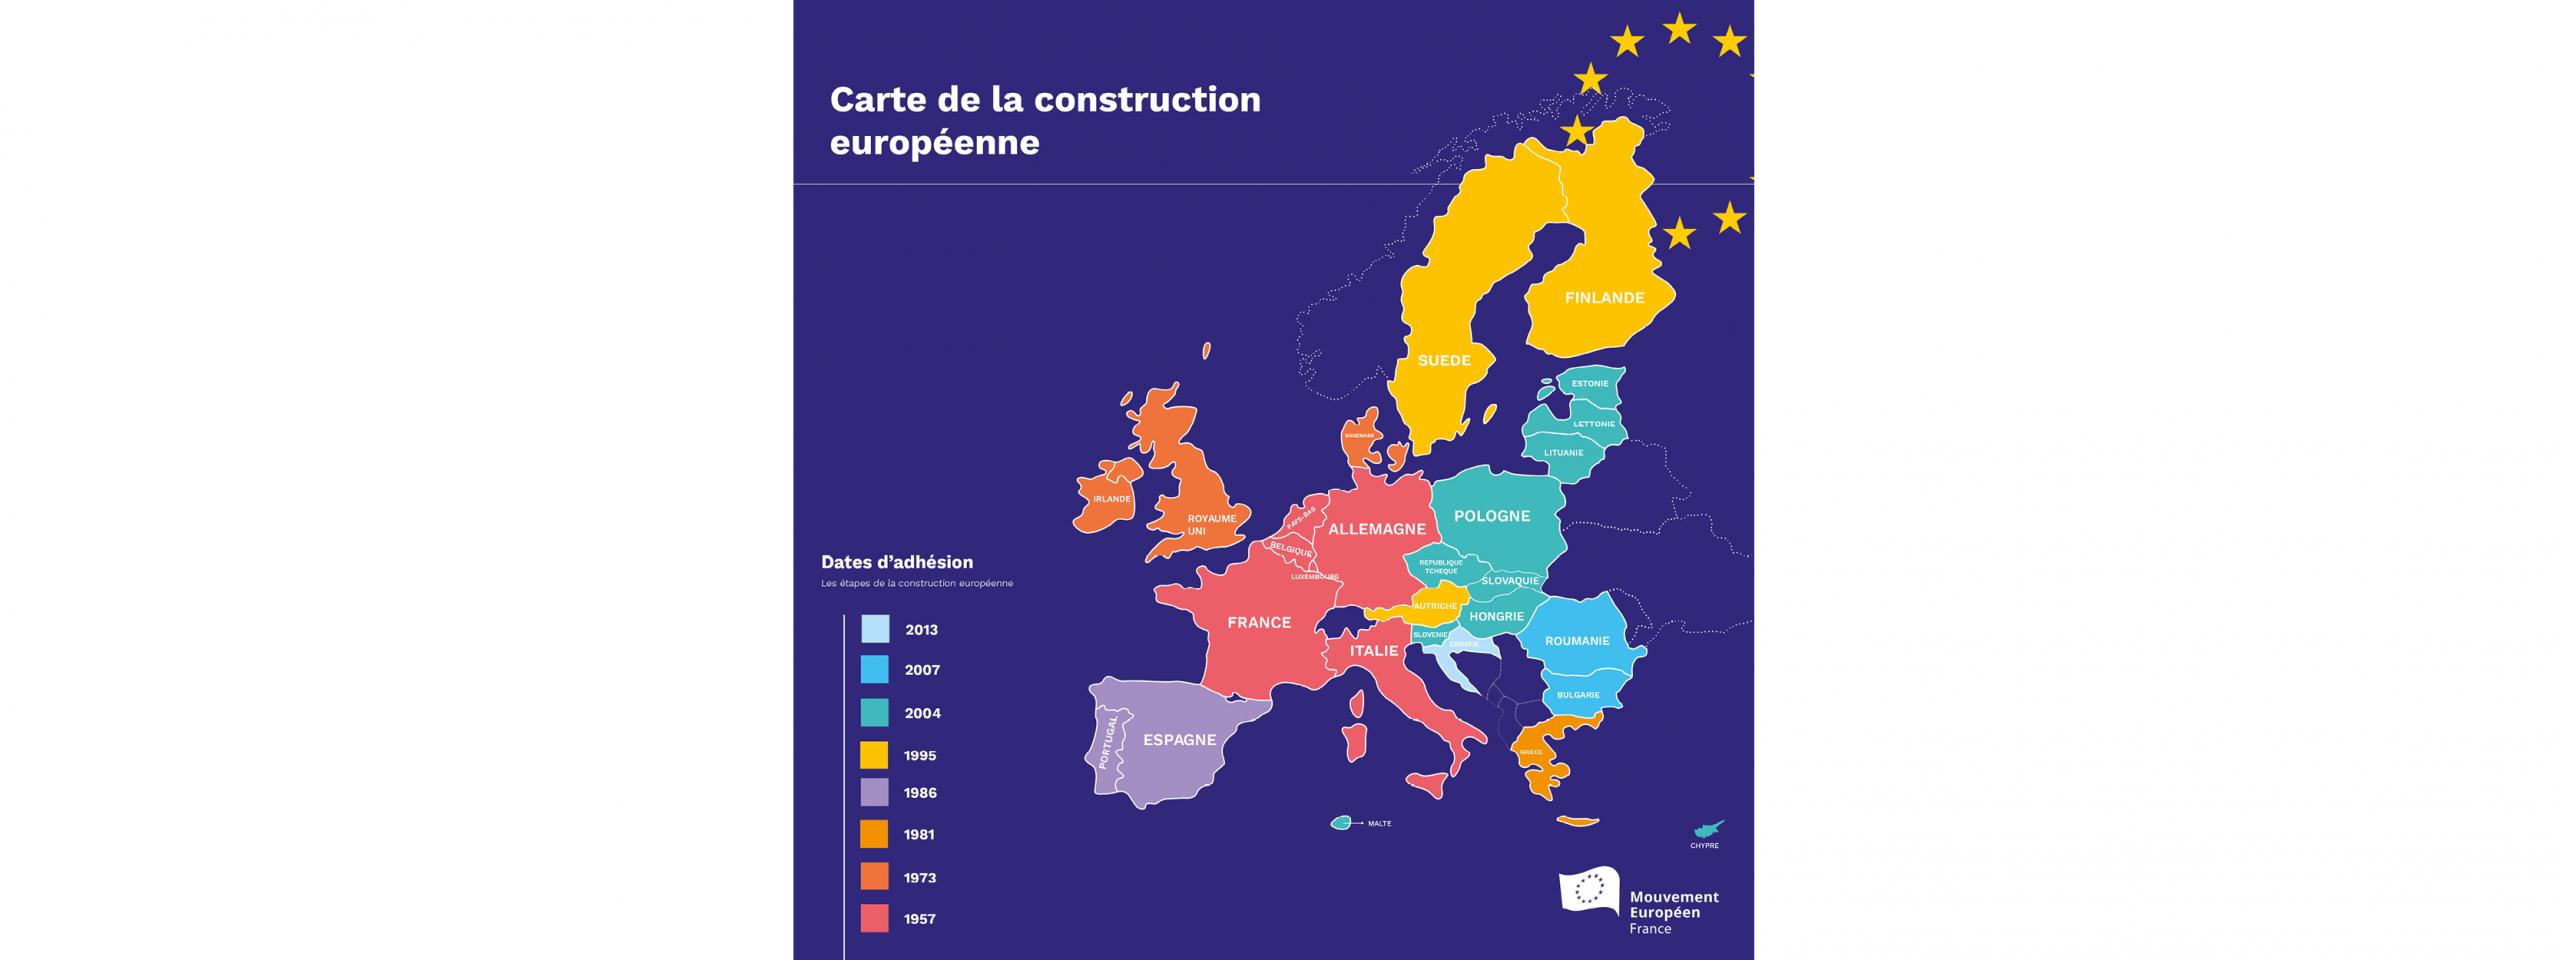 Union Européenne : La Construction Européenne En Carte concernant Carte Pays Union Européenne